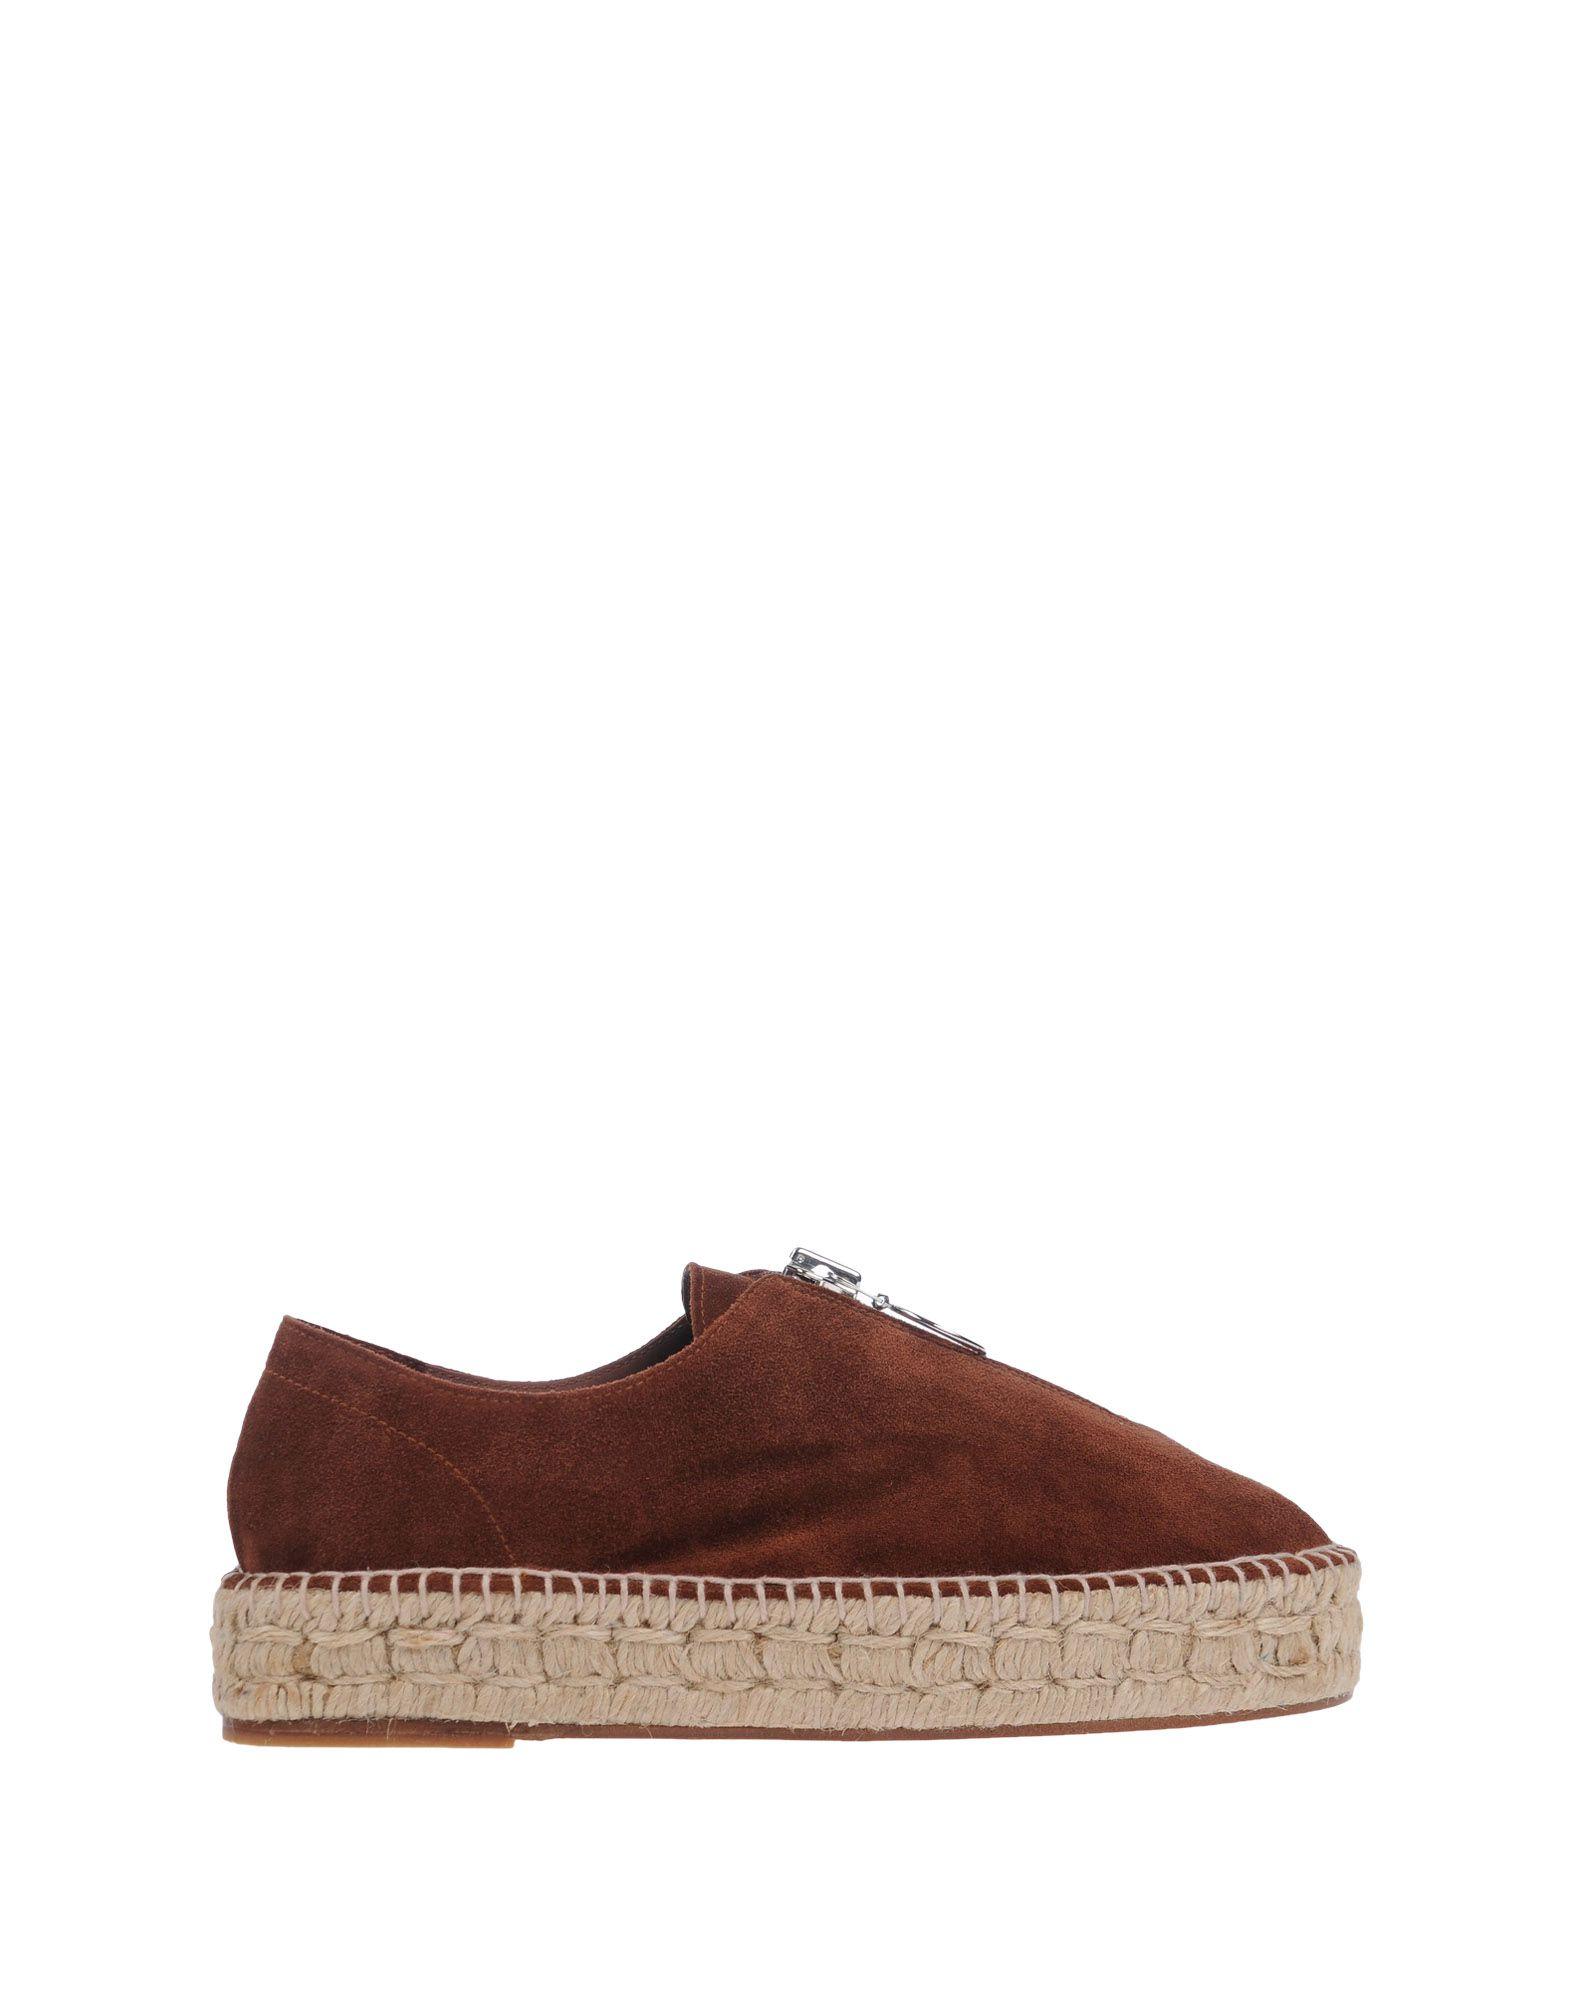 Alexander Wang Espadrilles Damen  11503472QK Beliebte Schuhe Schuhe Schuhe 27df87